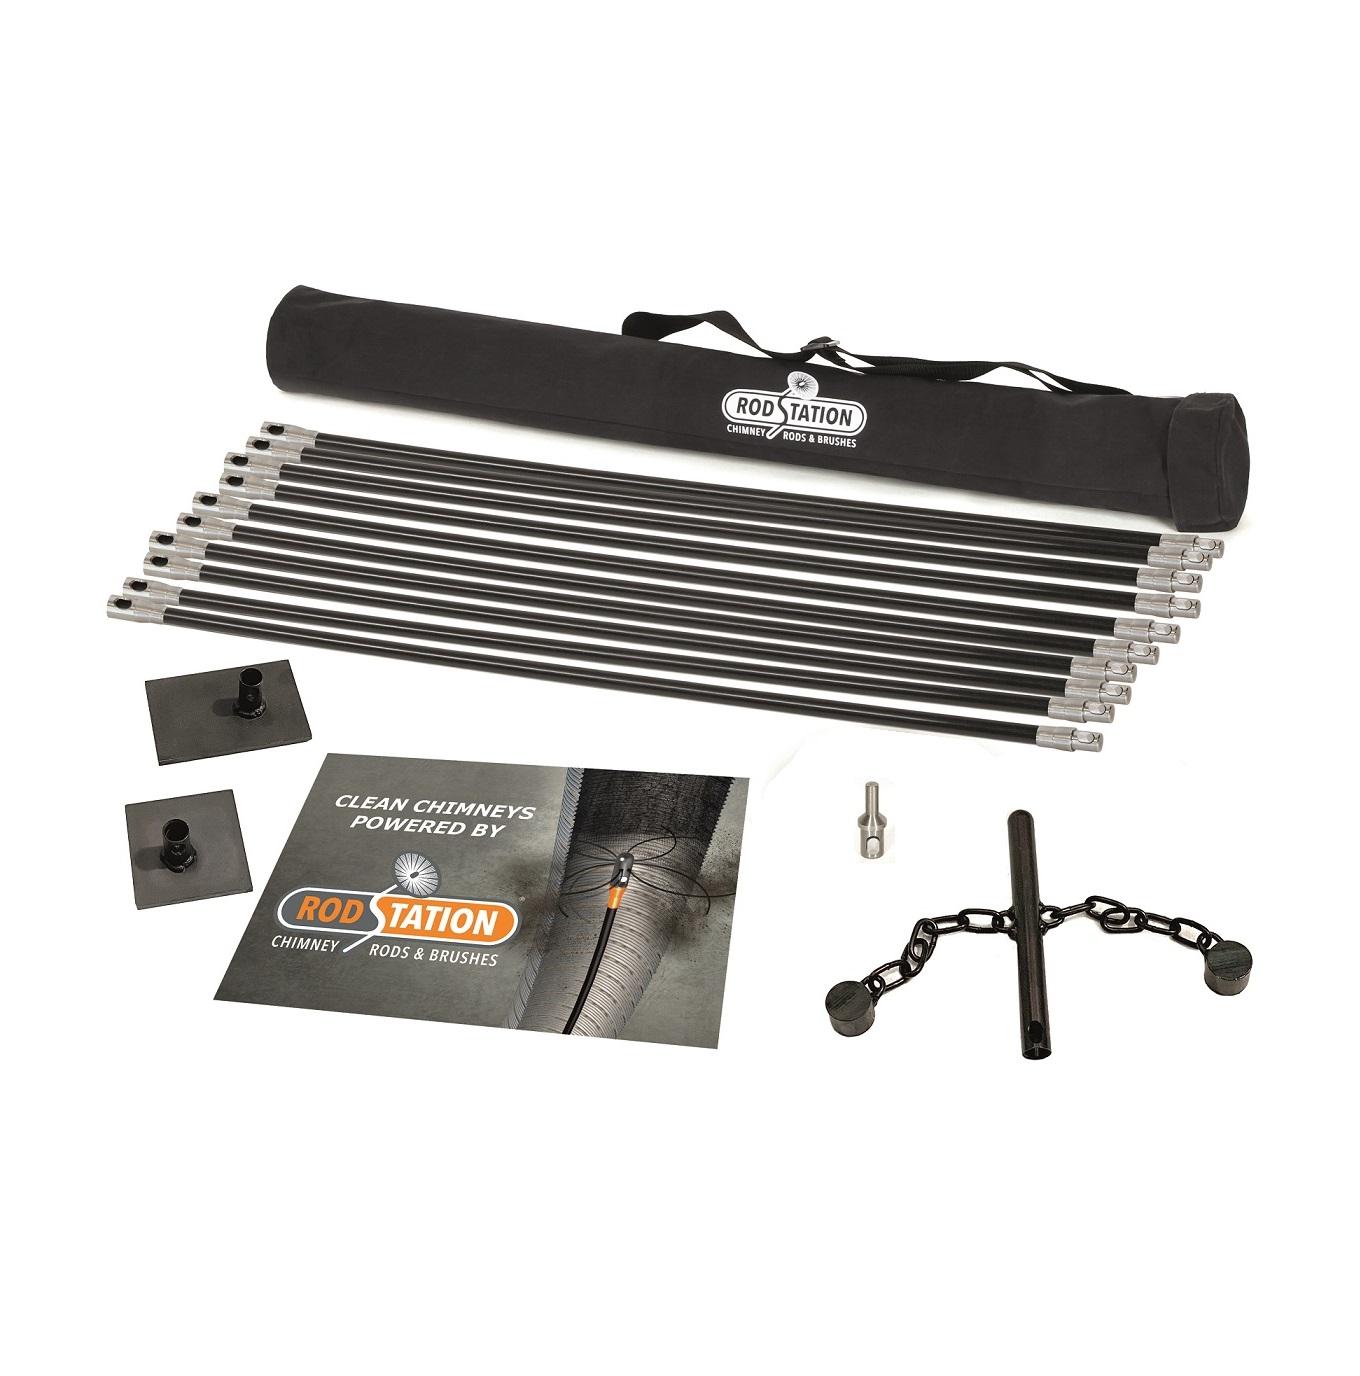 Rodstation Liner Chimney breaker kit